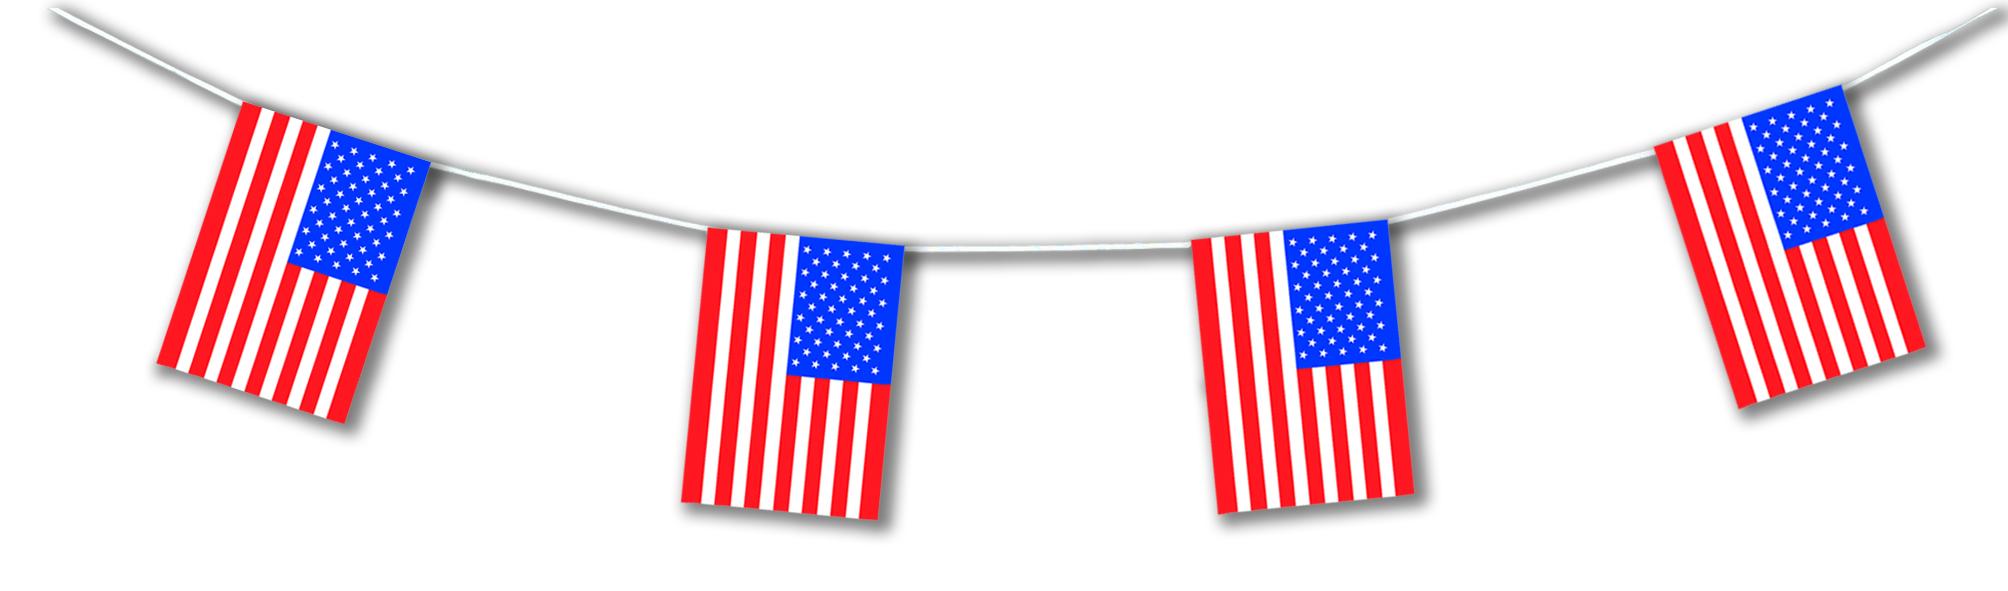 guirlande drapeau usa en plastique